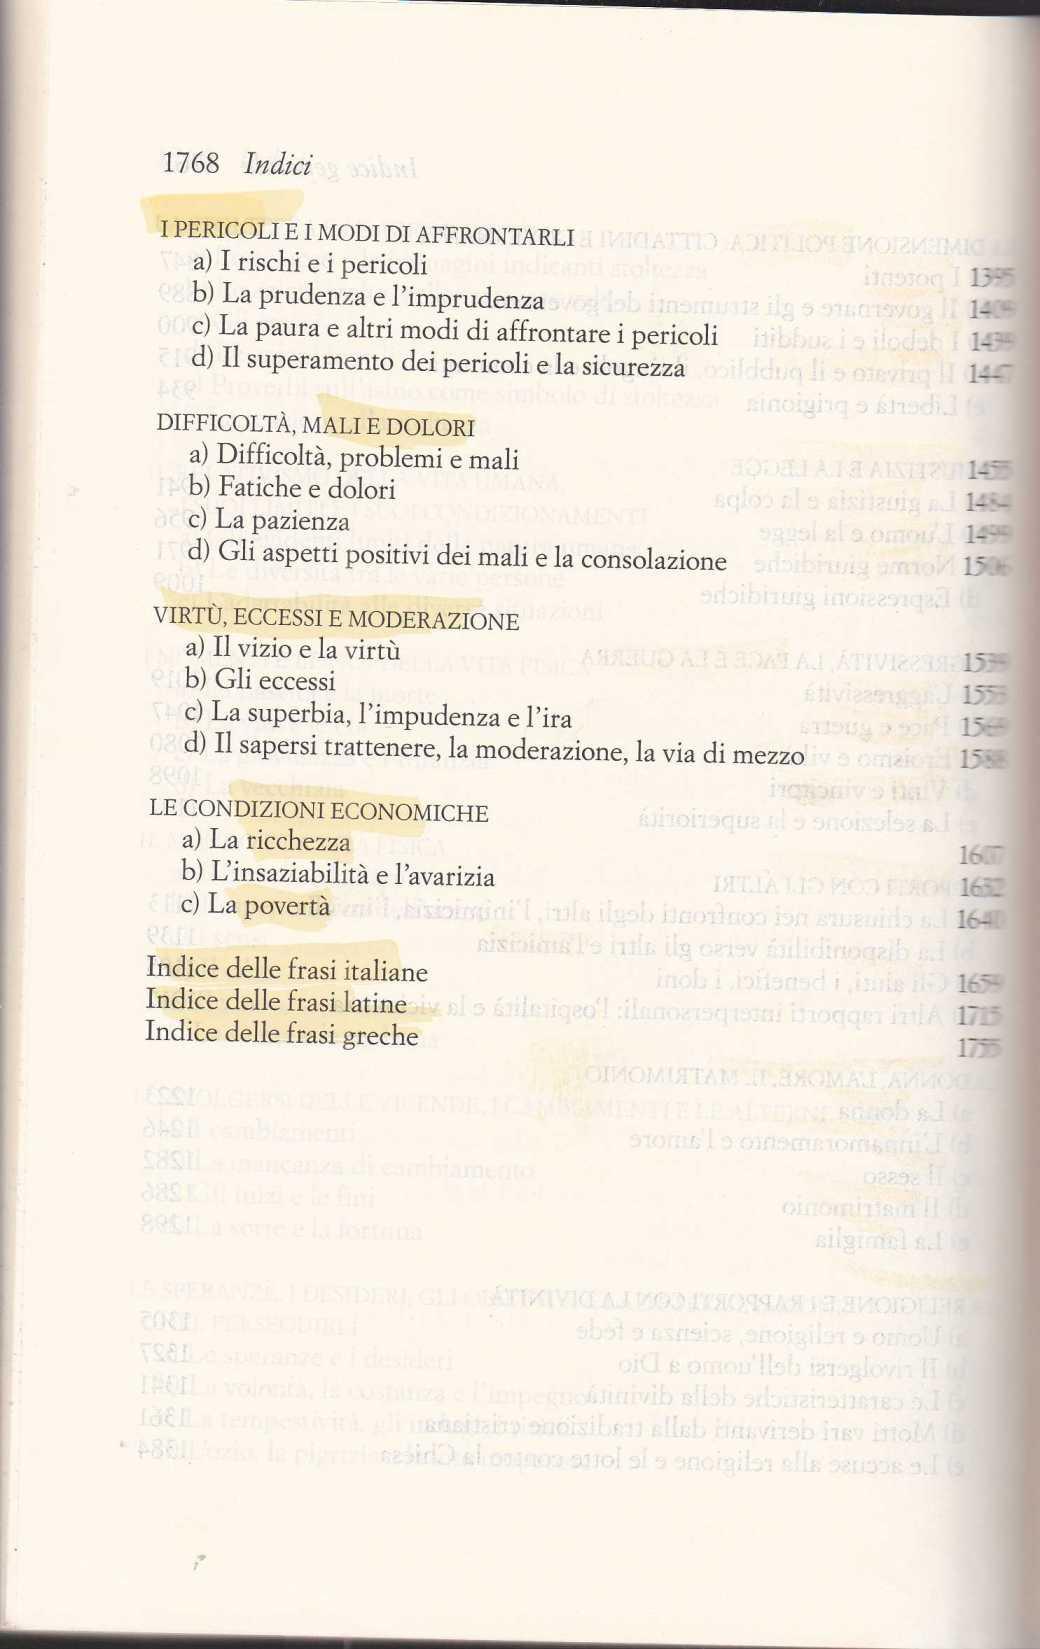 dizionario sentenze latine greche2574